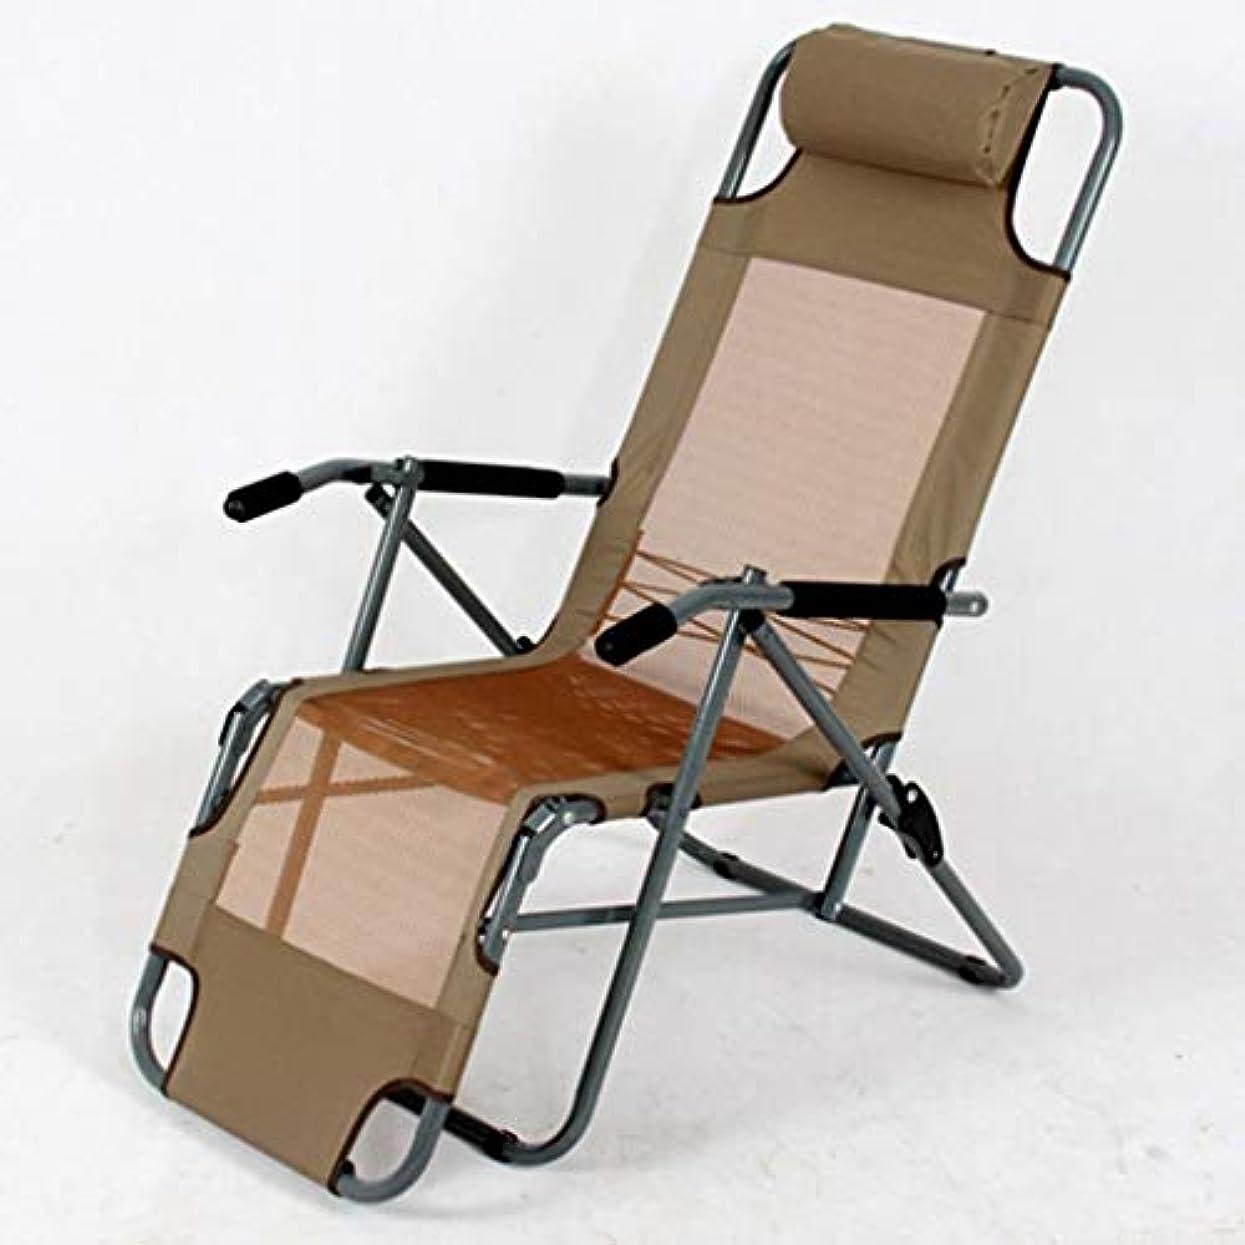 メロン正午男性折りたたみリクライニング寝椅子折りたたみ寝椅子長椅子アウトドアチェア、150kg(カラー:ブラウン)